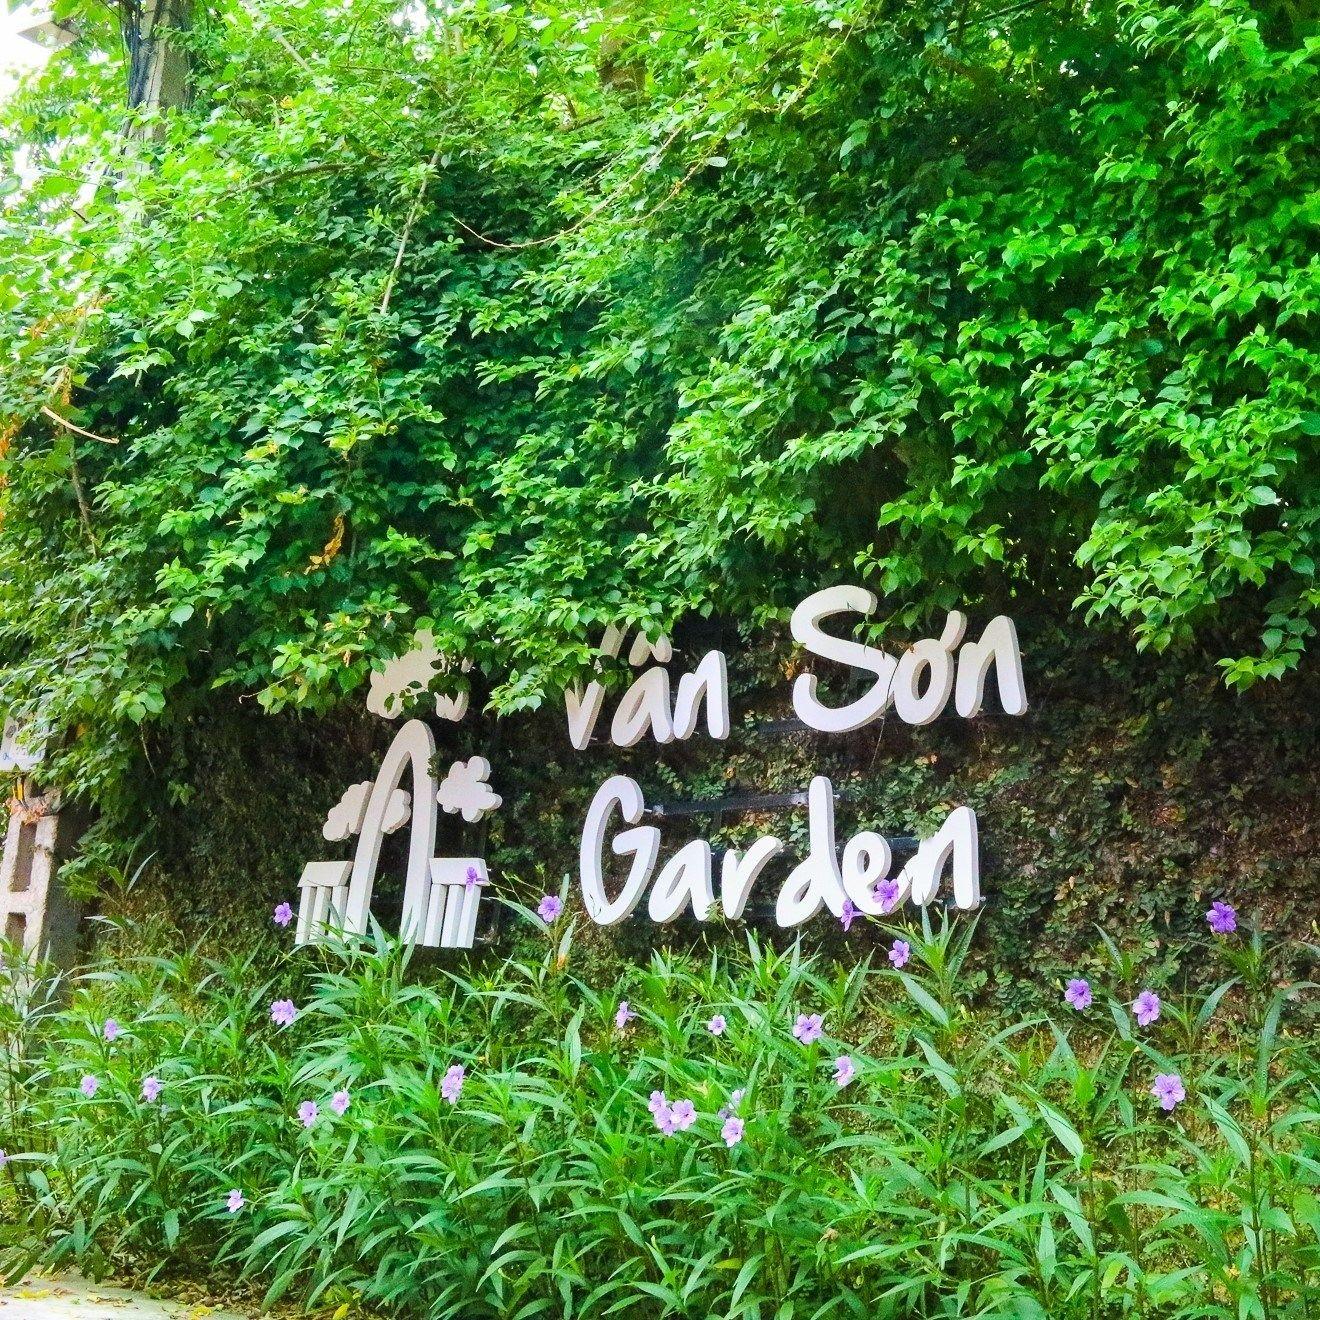 khuon vien van son garden homestay thach that ha noi